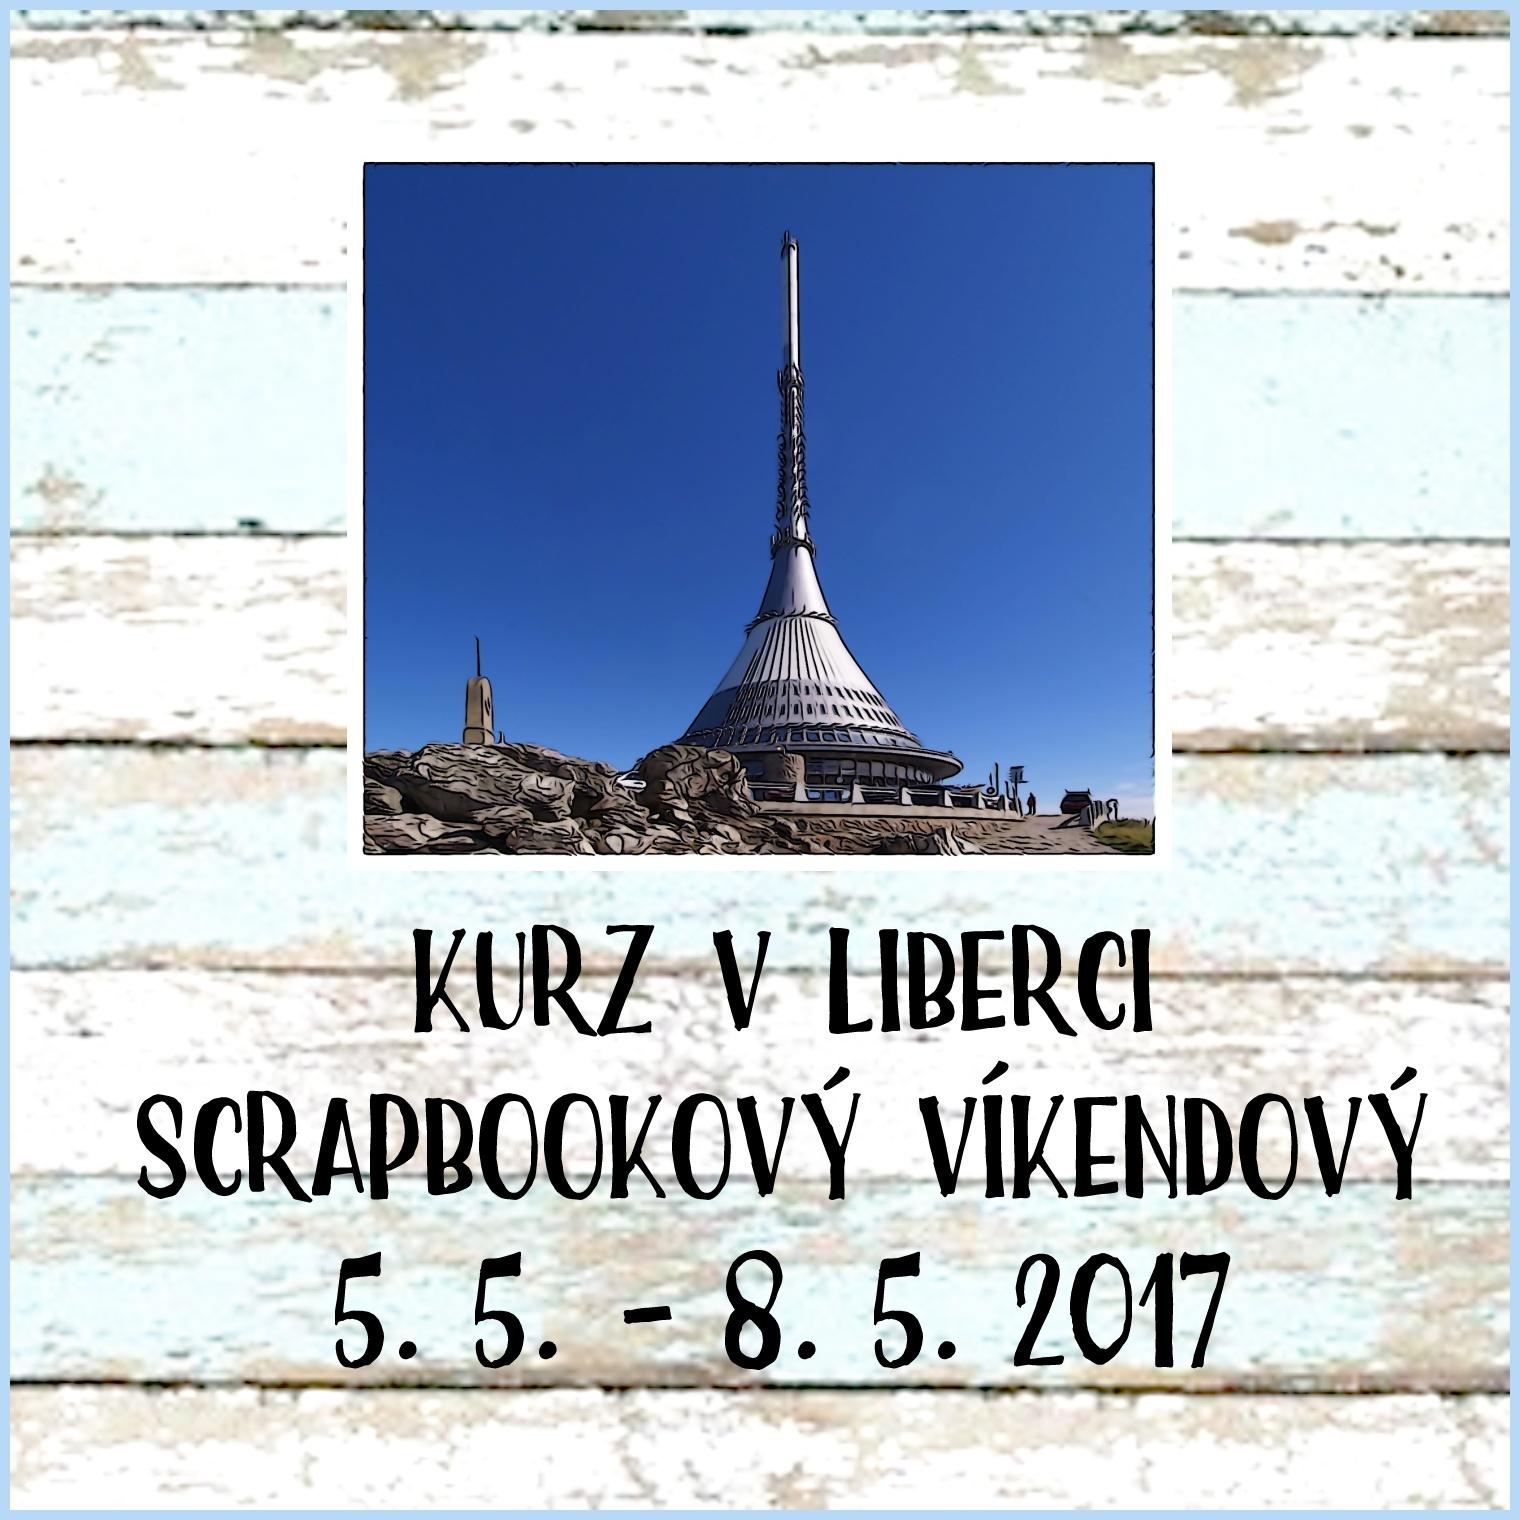 Kurz Liberec 5.5.-8.5.2017